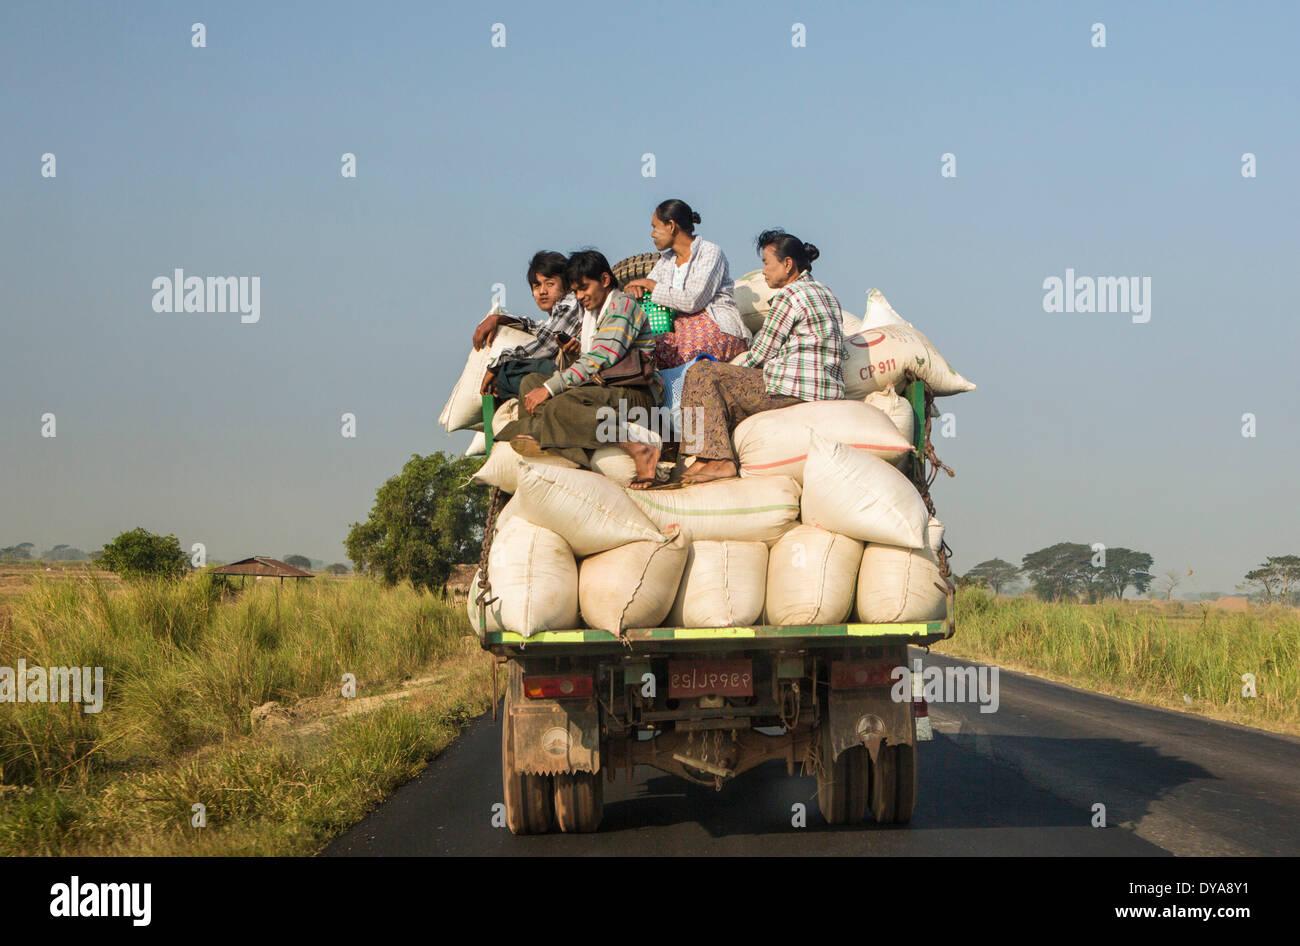 Trasporto locale, Mon, MYANMAR Birmania, Asia, pericolose, persone, traffico, carrello, sovraccarico Immagini Stock